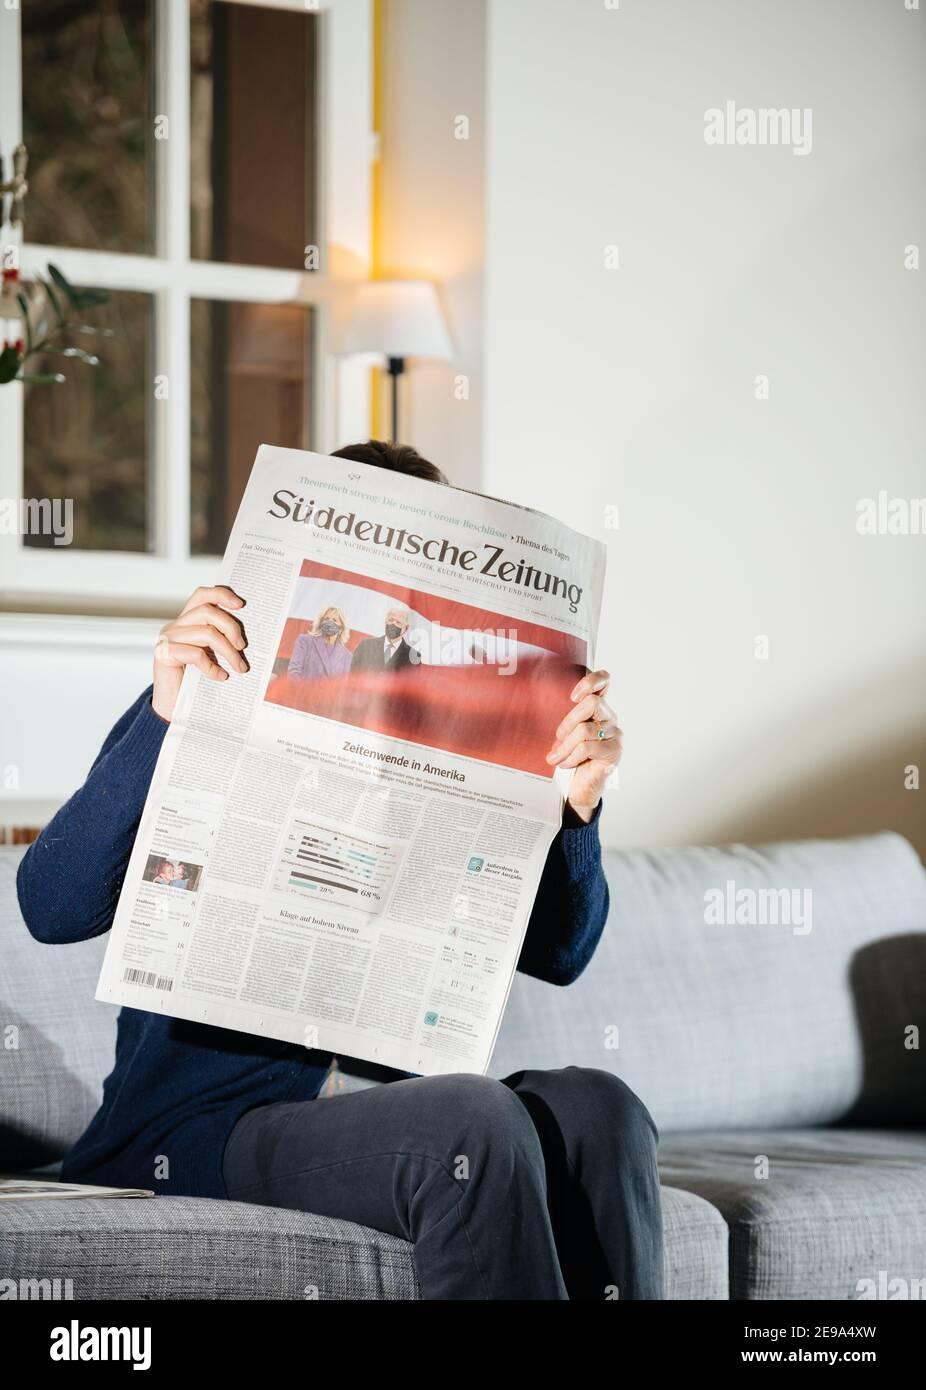 Parigi, Francia - 21 gennaio 2021: Donna che legge il giornale Suddeutsche Zeitung con il neo-eletto presidente degli Stati Uniti giurò di essere il 46° presidente degli Stati Uniti Joe Biden e First Lady Jill Bide indossando maschere Foto Stock